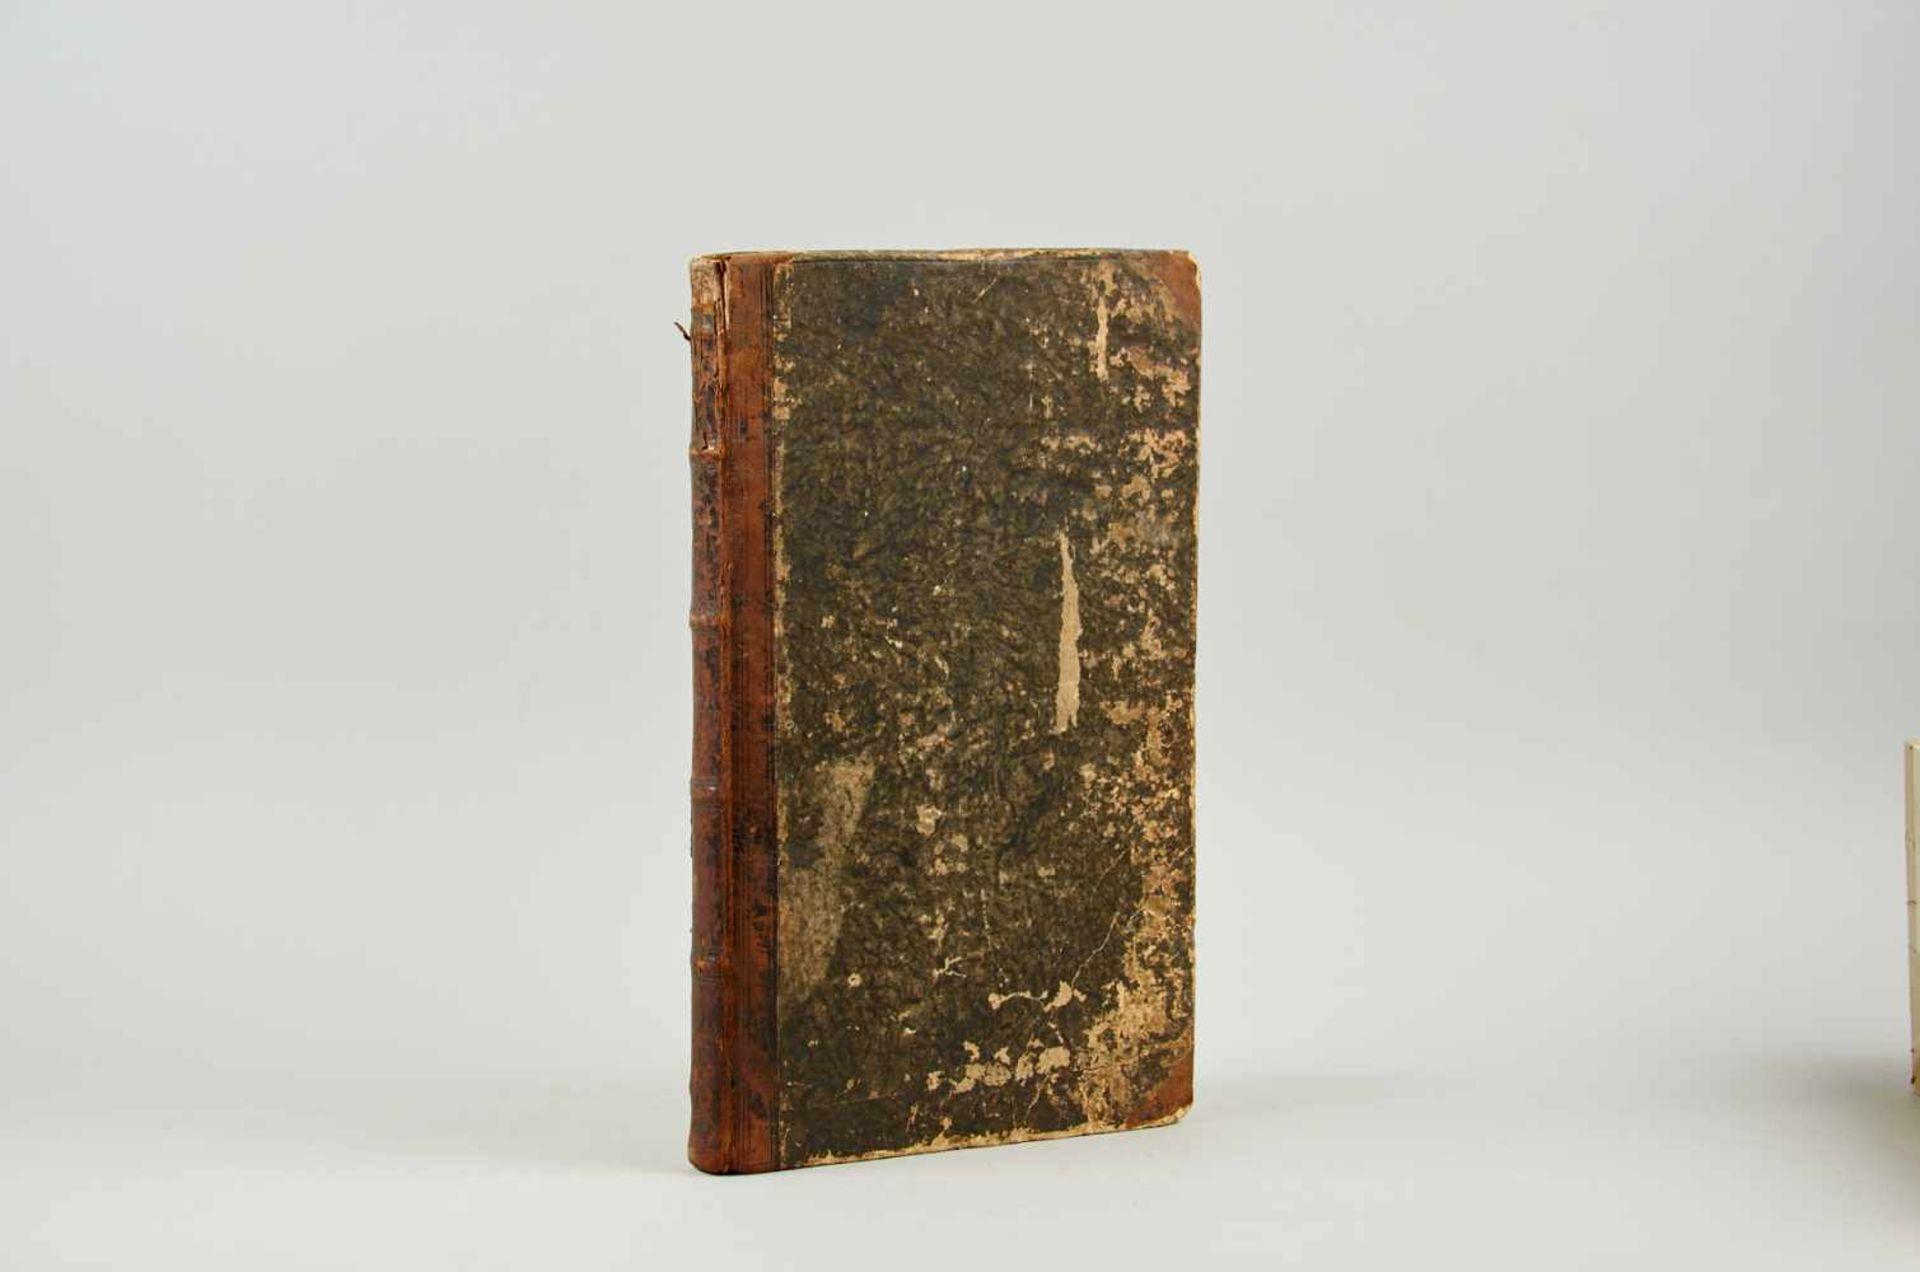 """Nürnberg- """"Leich-Cassa-Buch."""" Deutsche Handschrift auf Papier.Nürnberg, dat. 1784-1811, mit"""